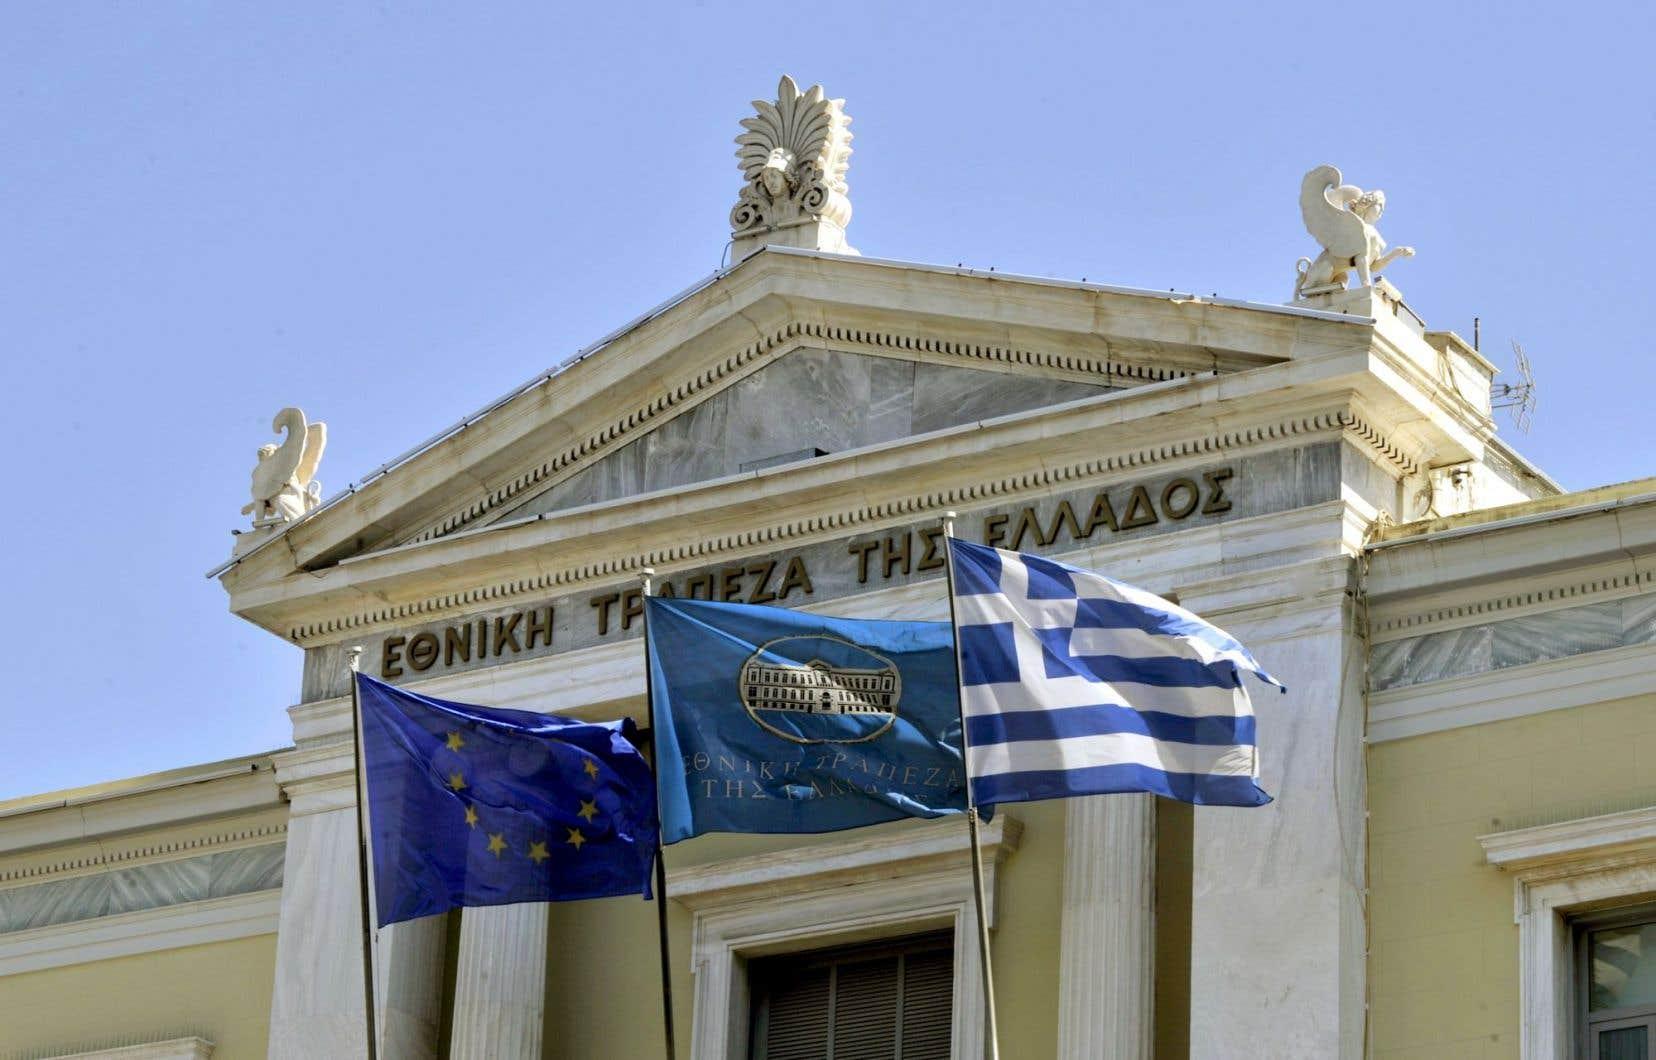 Le nouveau déboursement de 8,5 milliards d'euros accordé à la Grèce lui permettra de rembourser plusde 7milliards d'euros de créances dues en juillet.